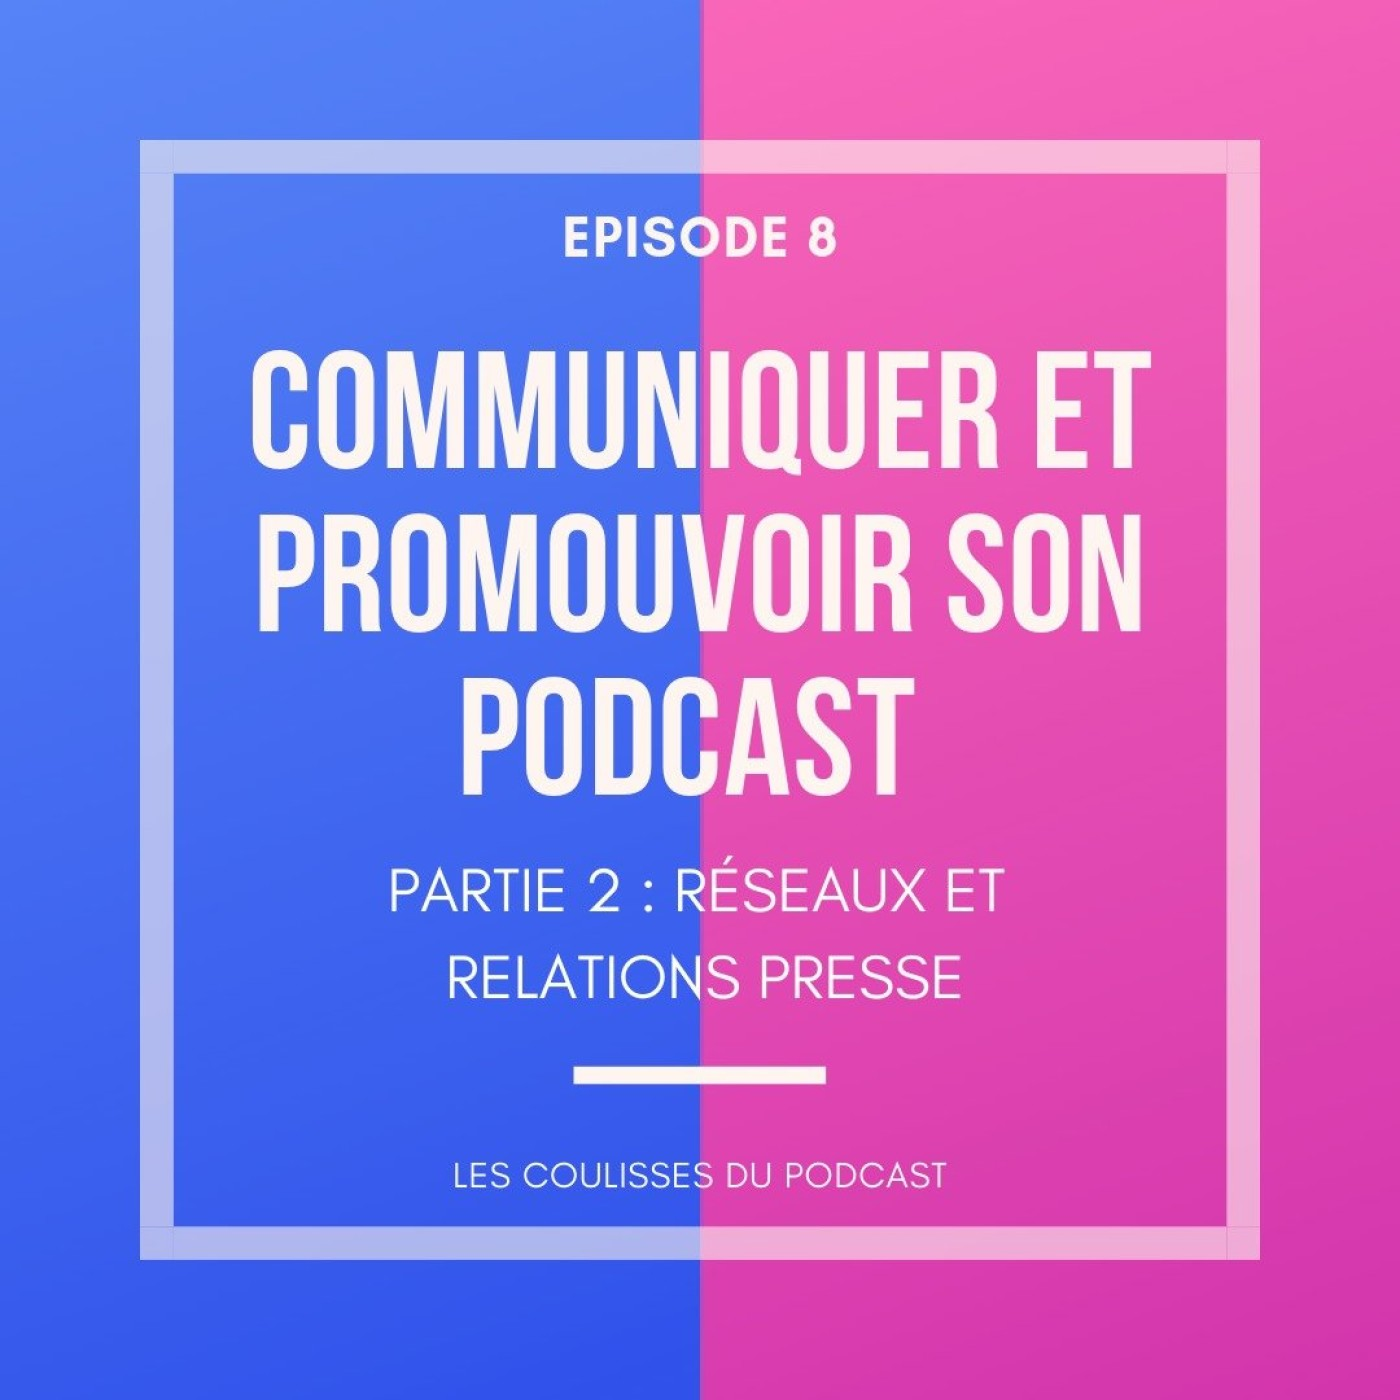 Communiquer et promouvoir son podcast : réseaux, relations presse et média